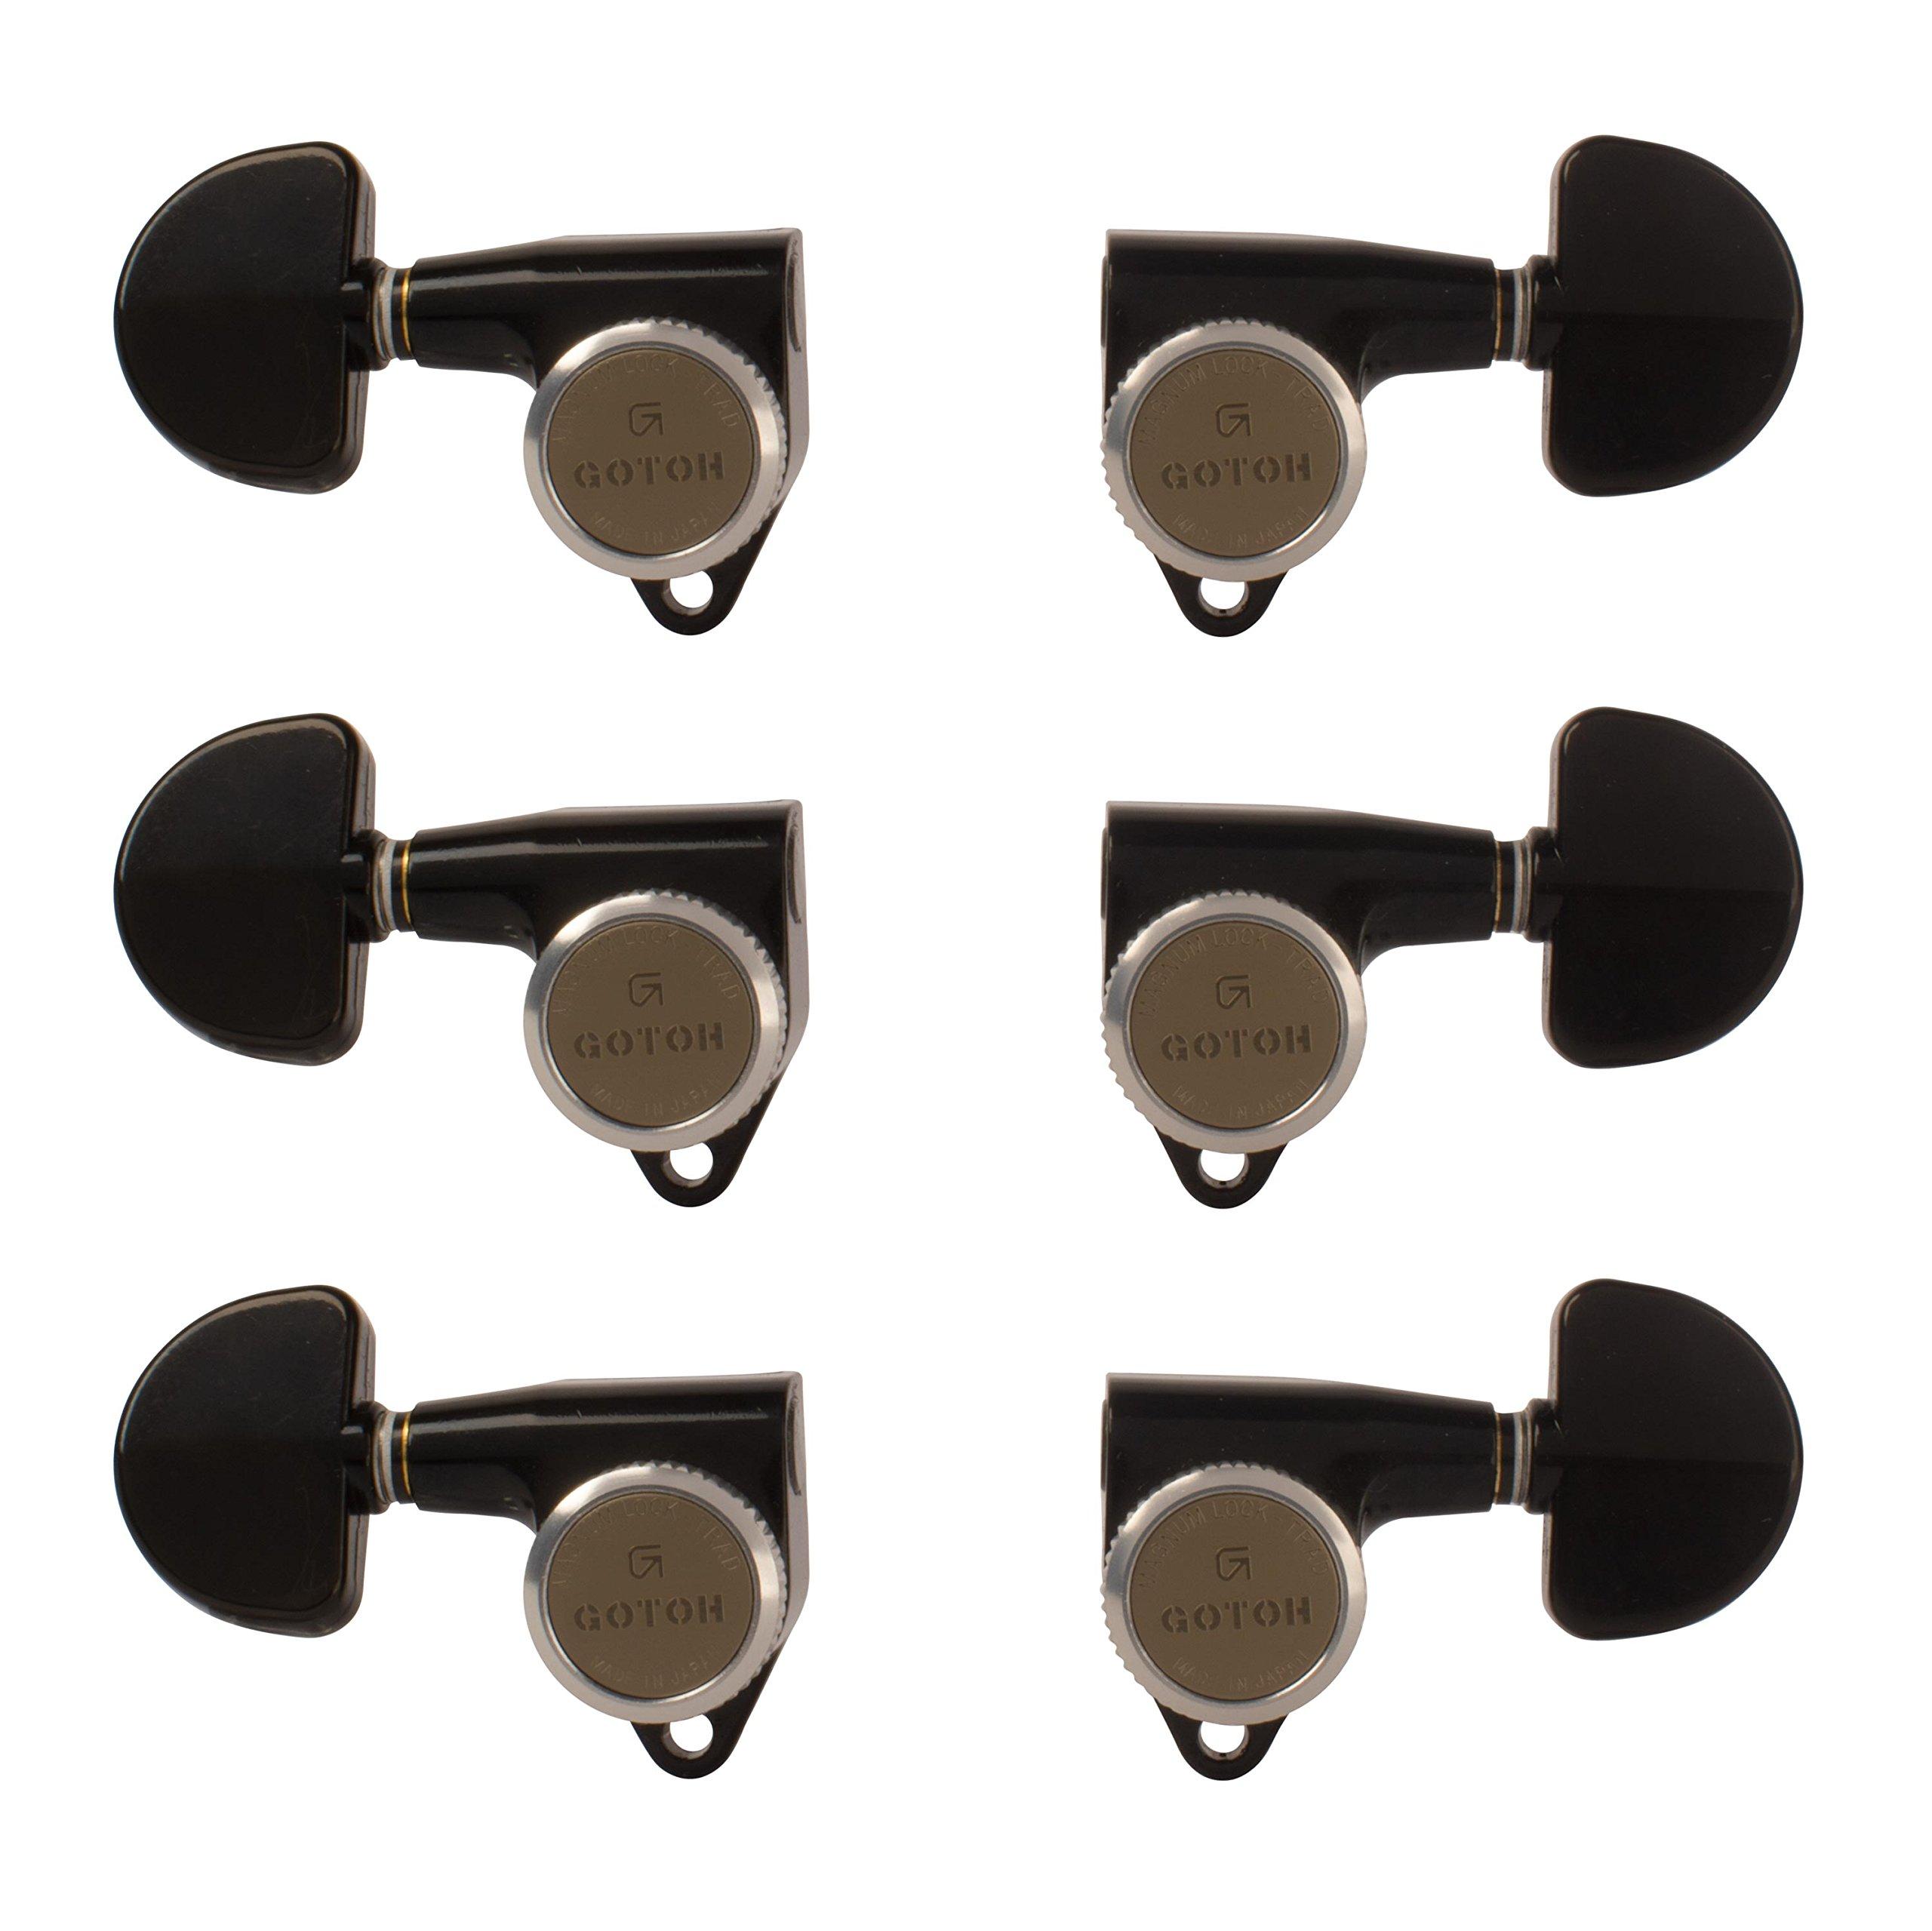 Gotoh Magnum Lock-Trad 3+3 Guitar Tuners, Black